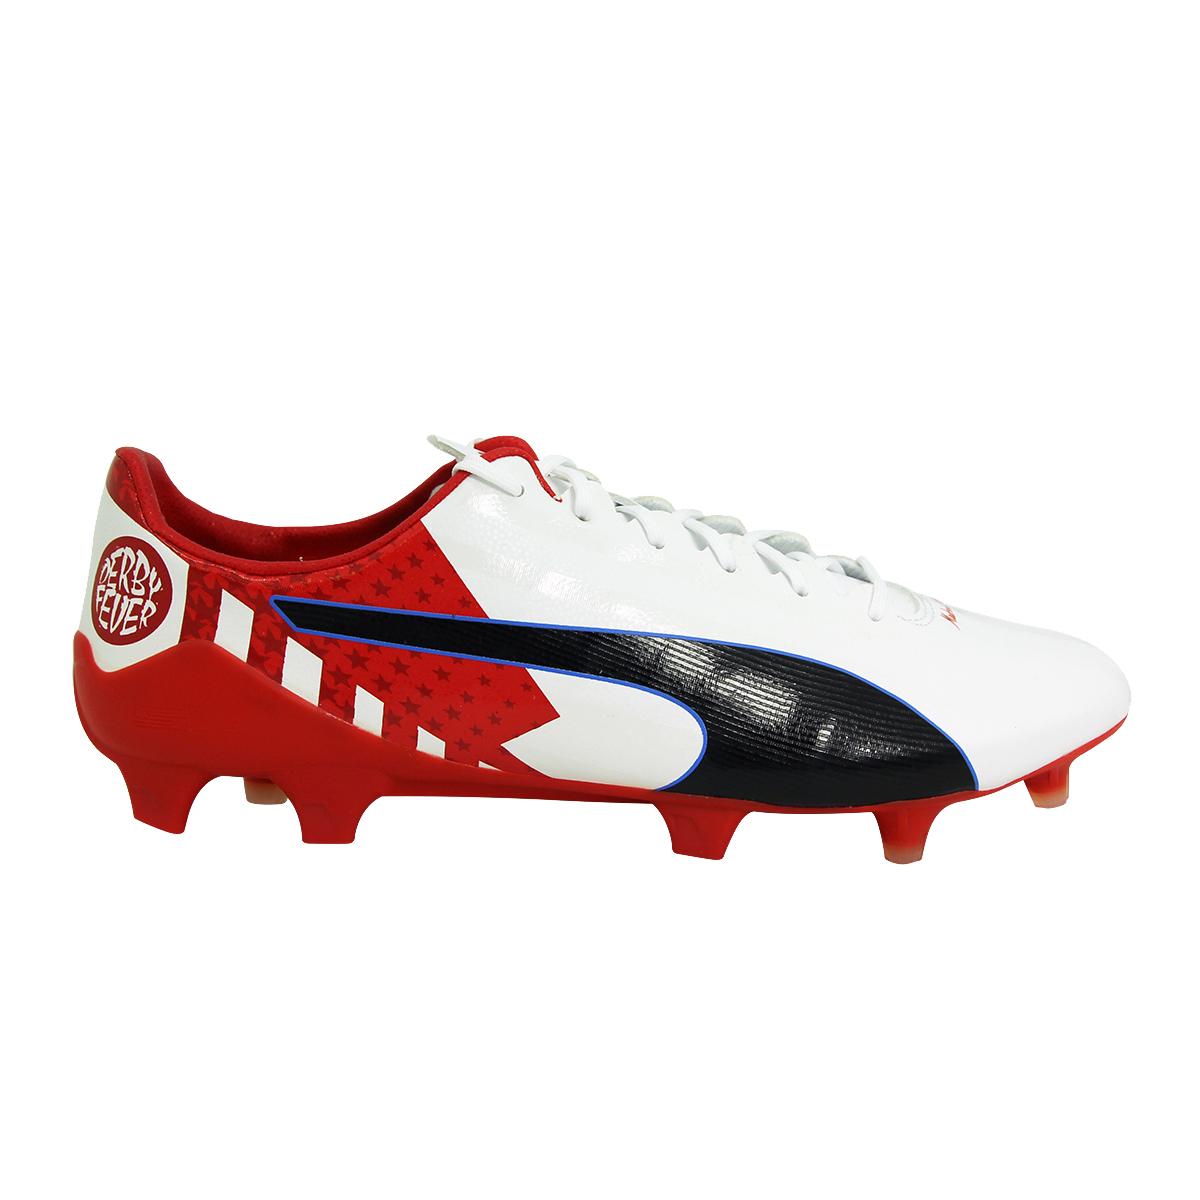 060dd82a8fe9 Homme Fg De S Puma Griezmann Evospeed 17 Football Sl Chaussures wq7FzTP7